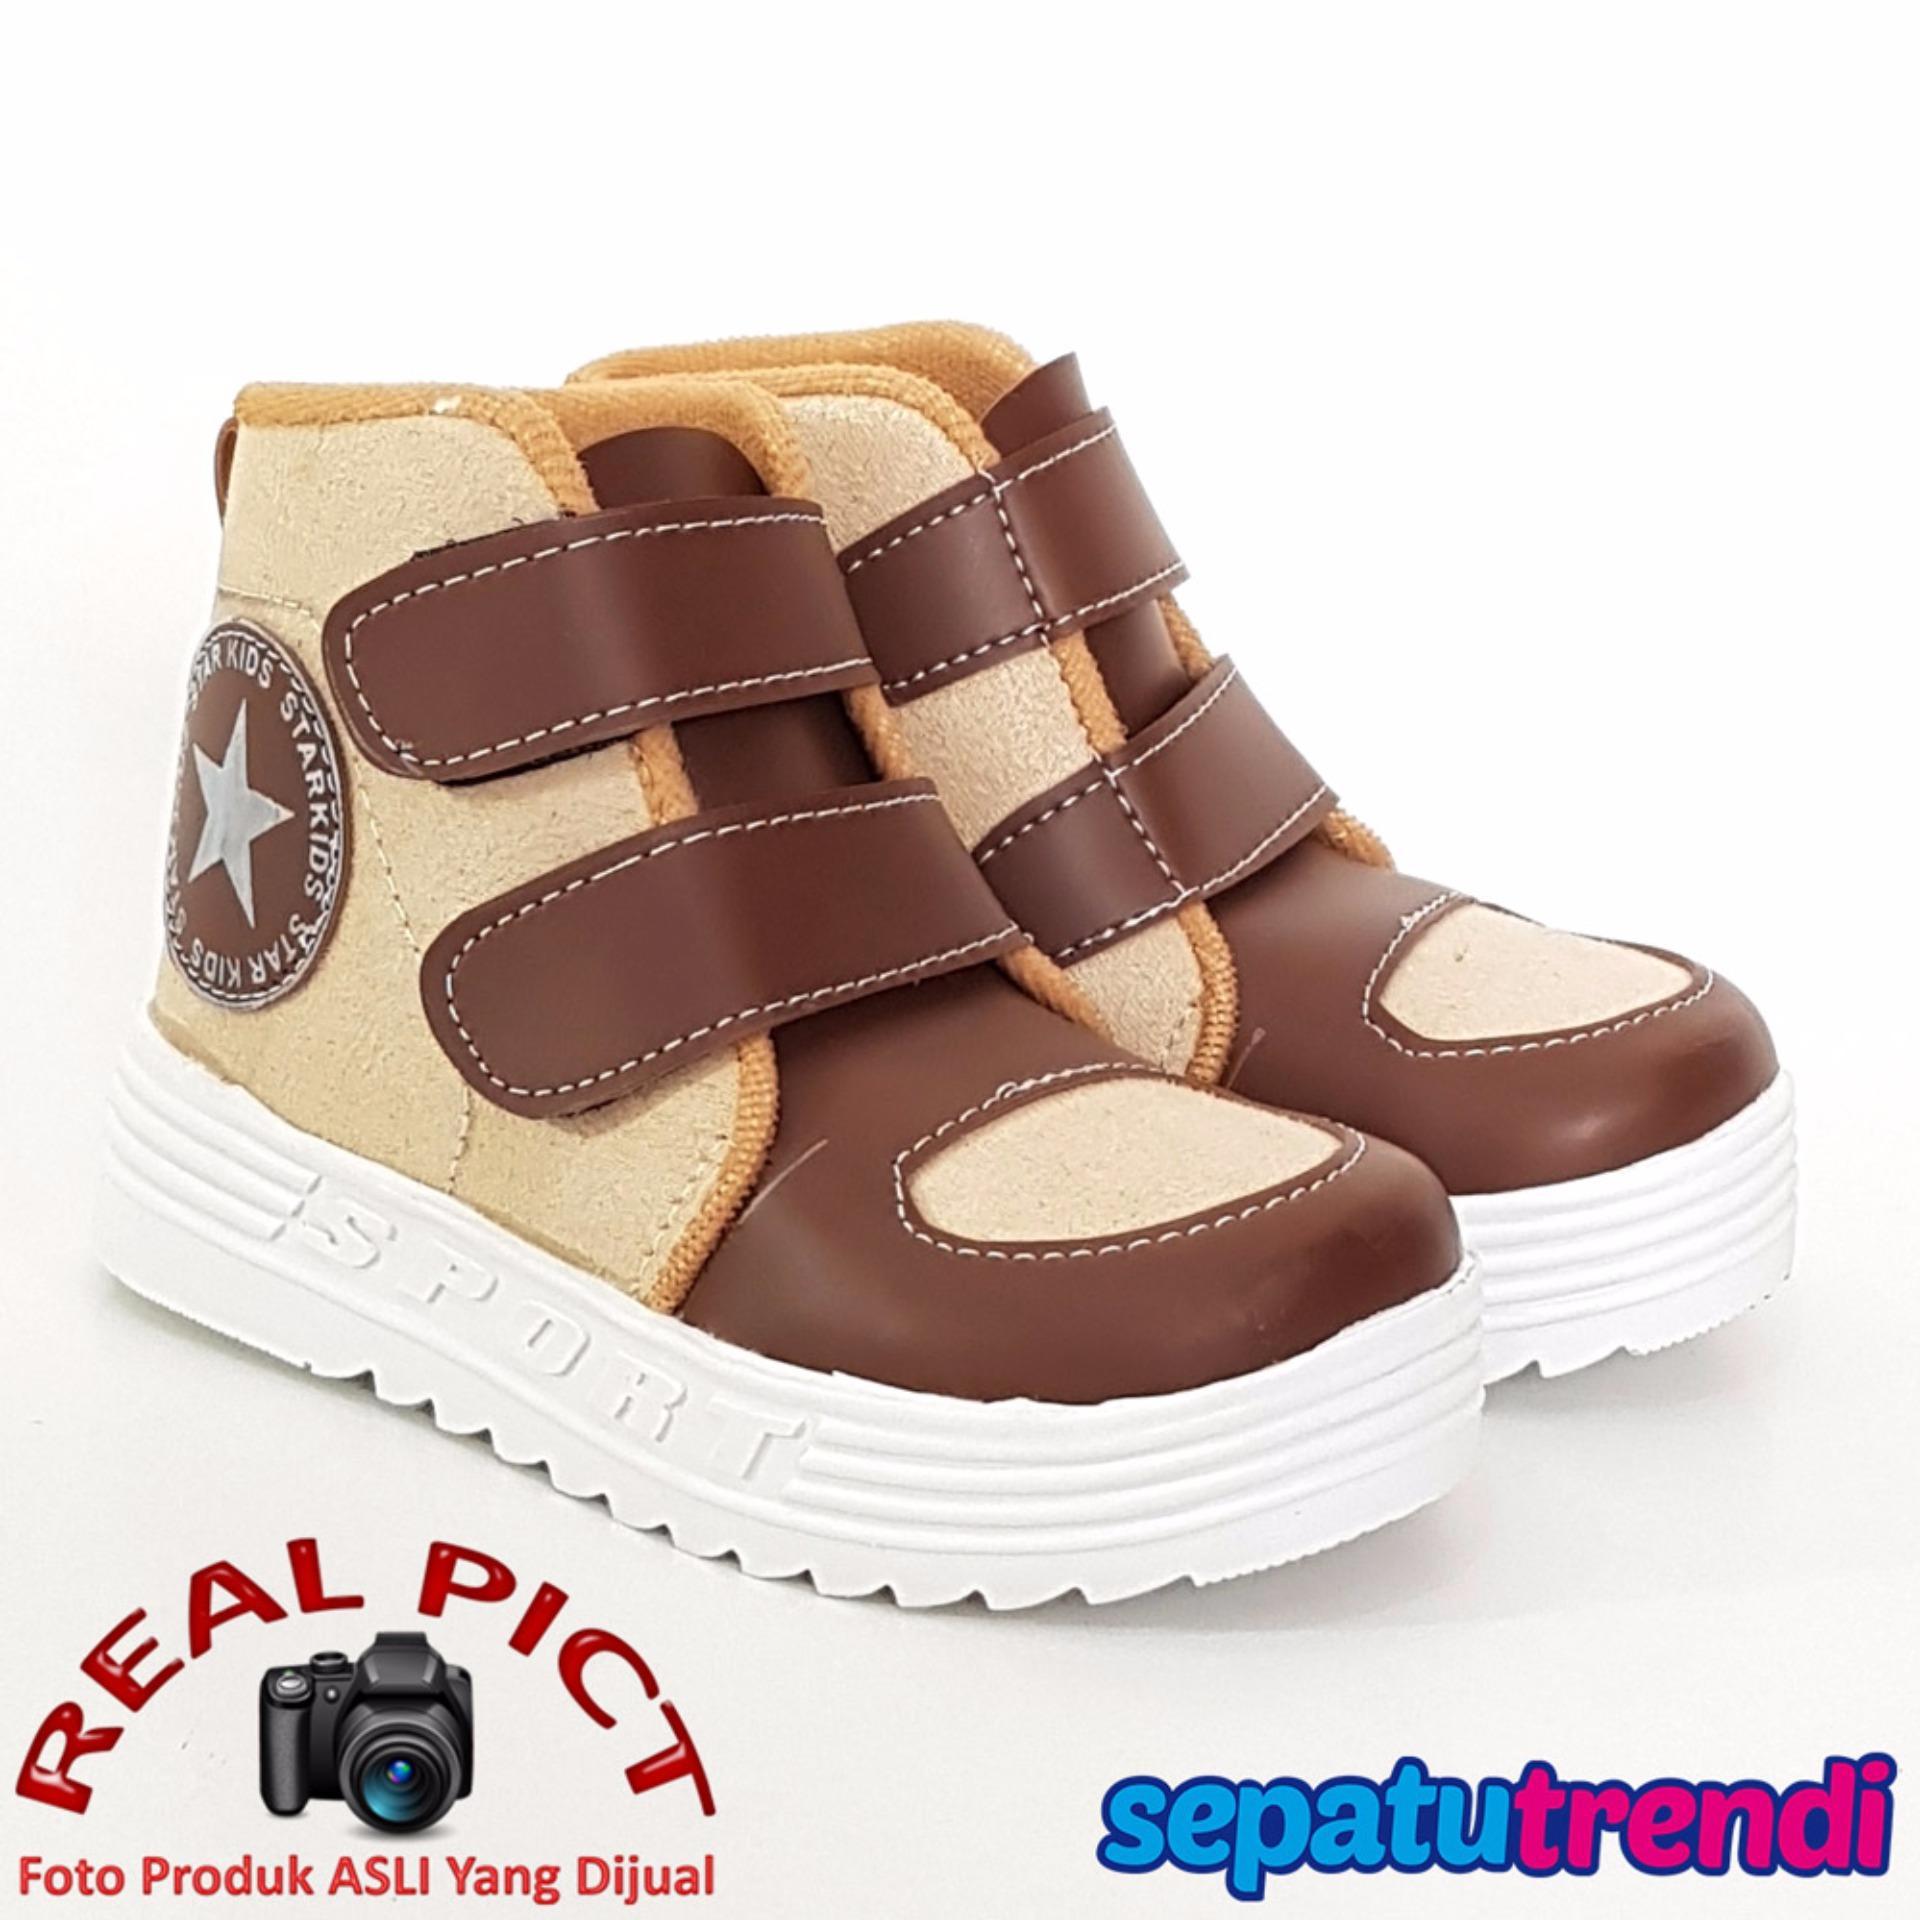 Jual Trendishoes Sepatu Boot Anak Laki Laki Star Suede Starsmp Beige Brown Di Bawah Harga